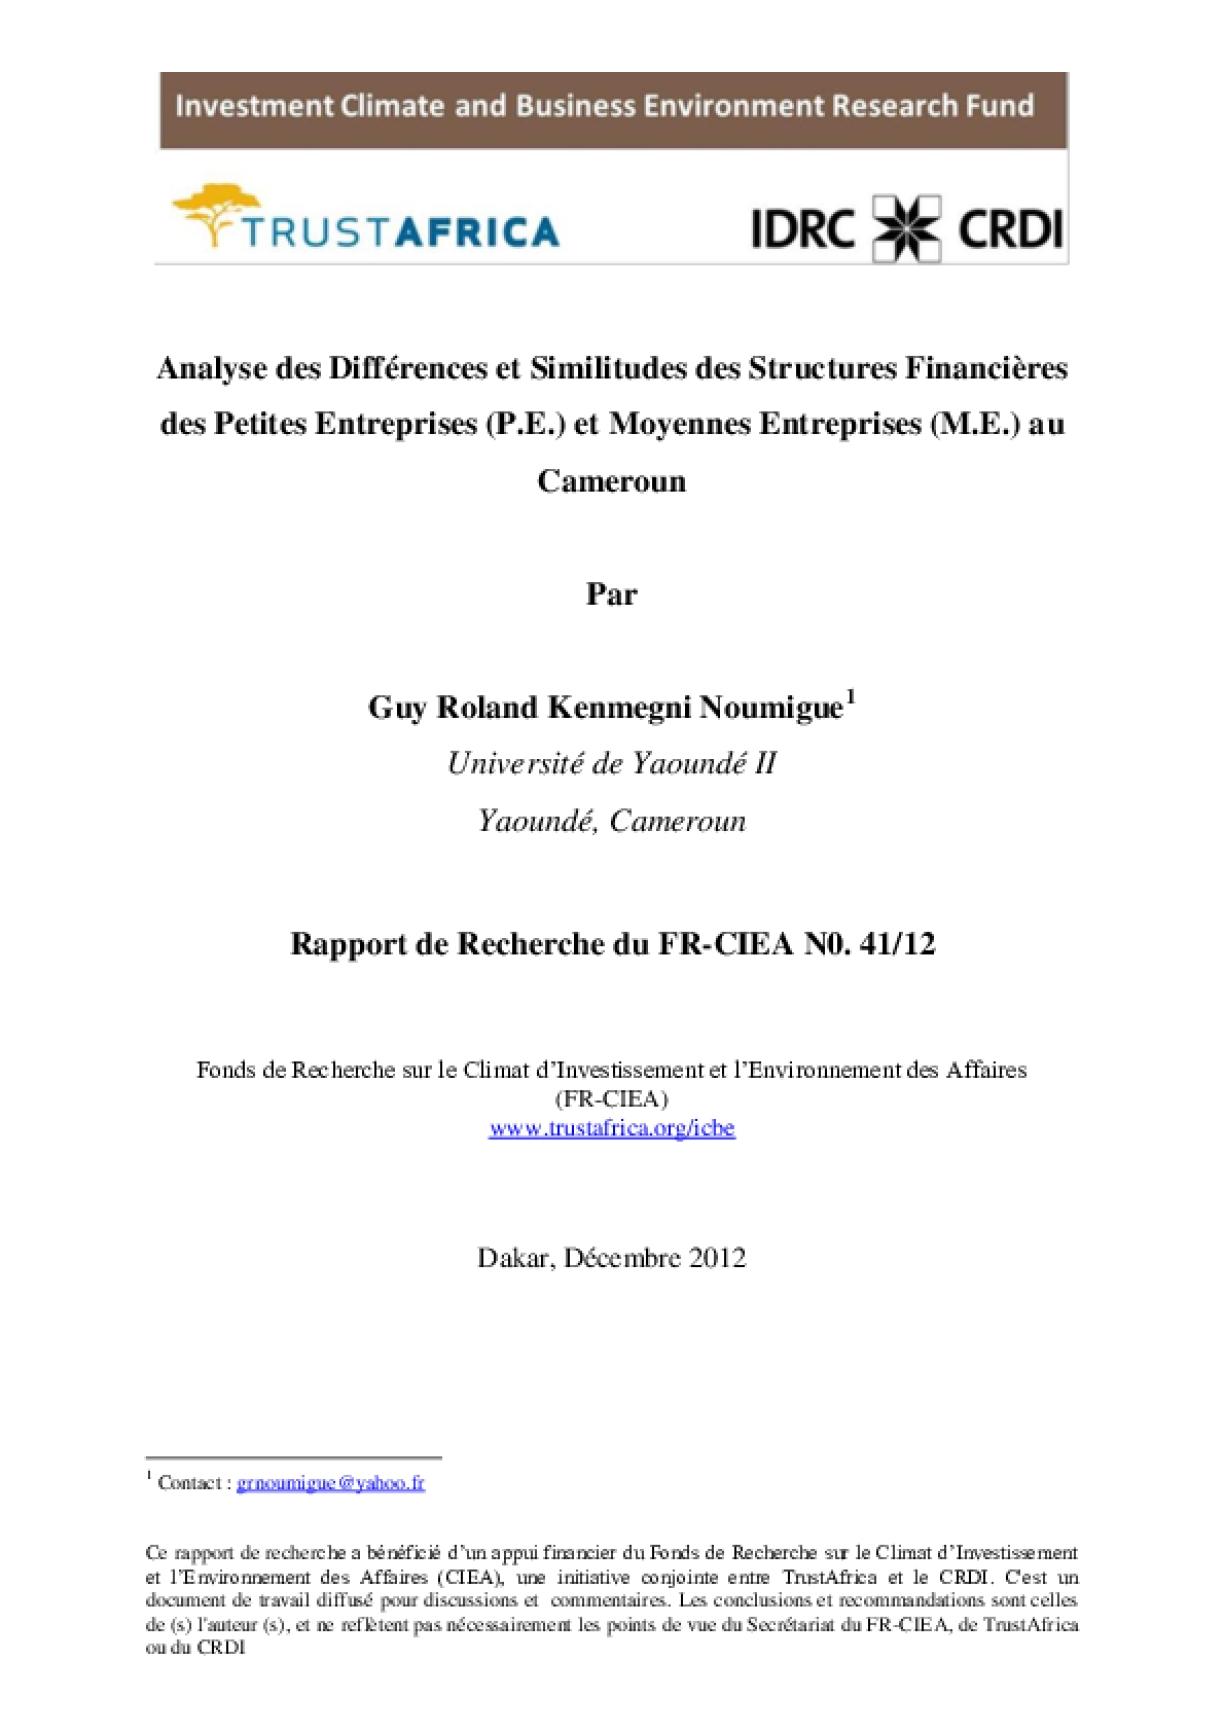 Analyse des Différences et Similitudes des Structures Financières des Petites Enterprises (P.E.) et Moyennes Enterprises (M.E.) au Cameroun